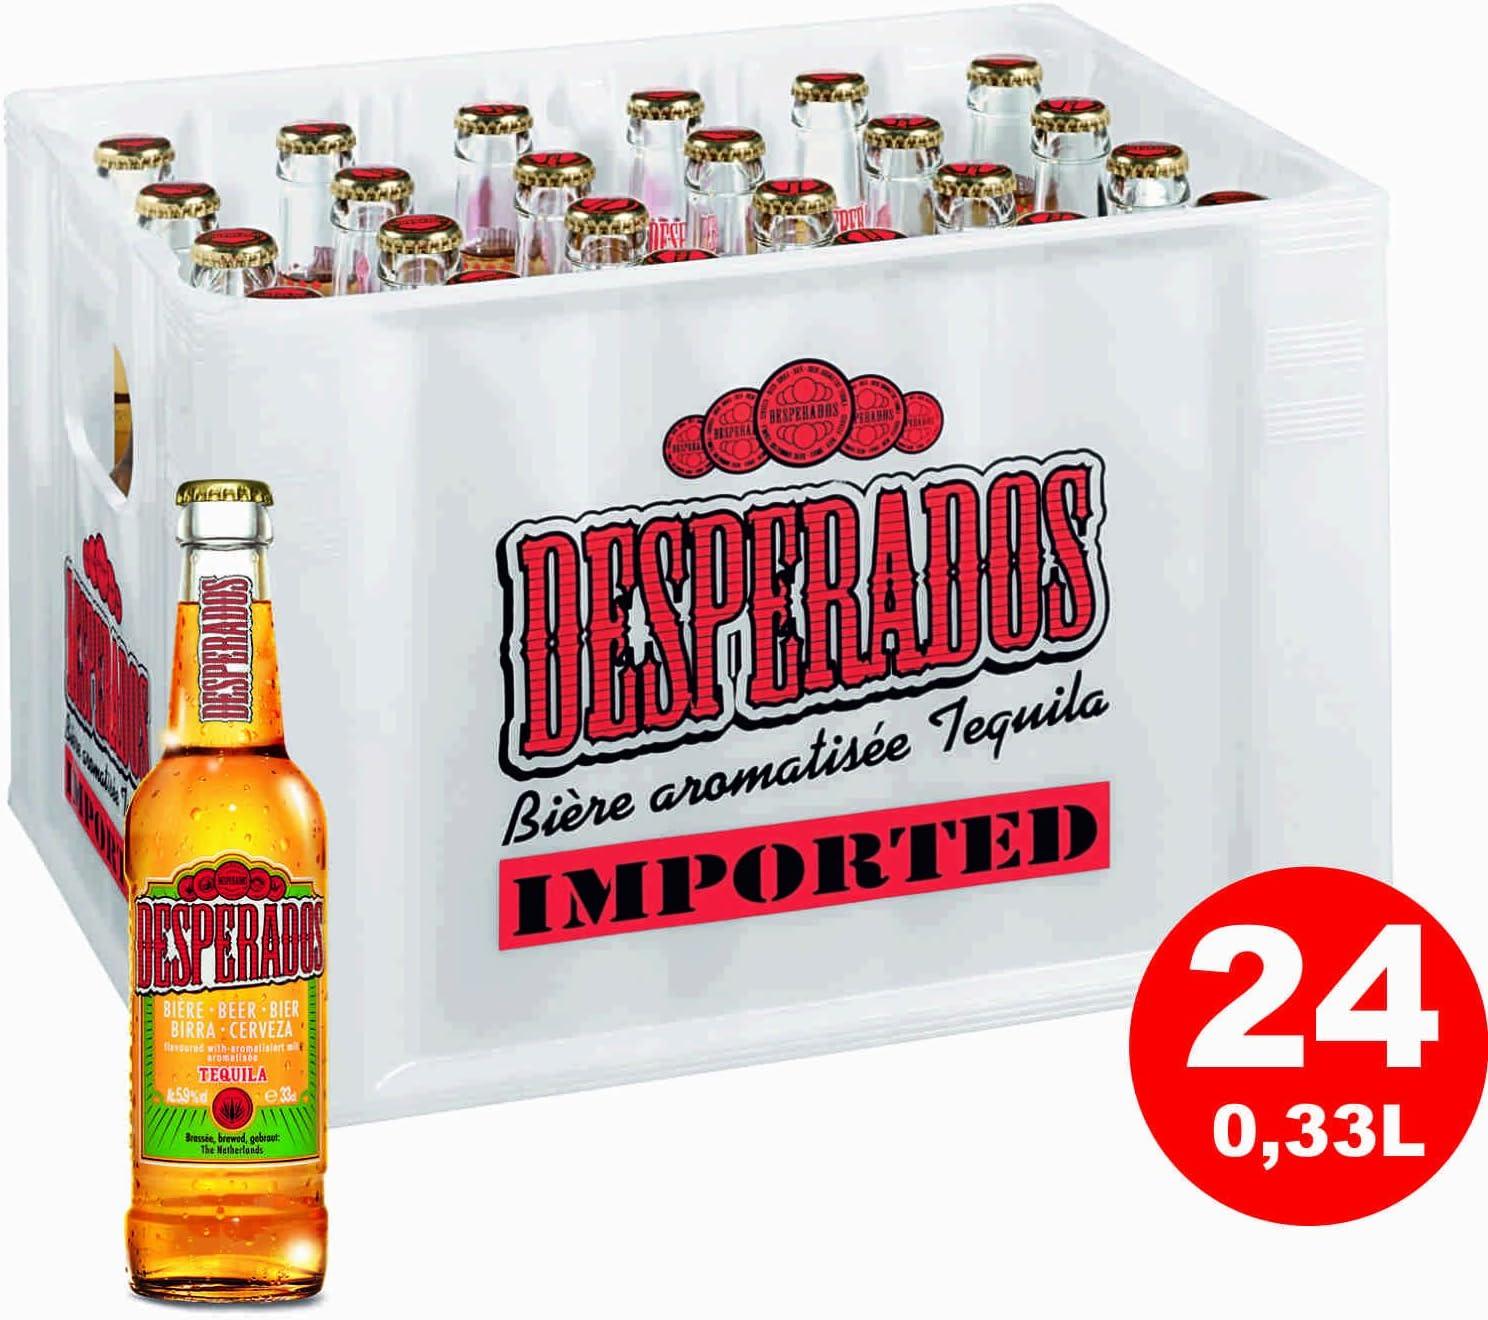 24 X Desperados Tequila Bier 0 33 Liter 5 9 Vol Amazon De Bier Wein Spirituosen